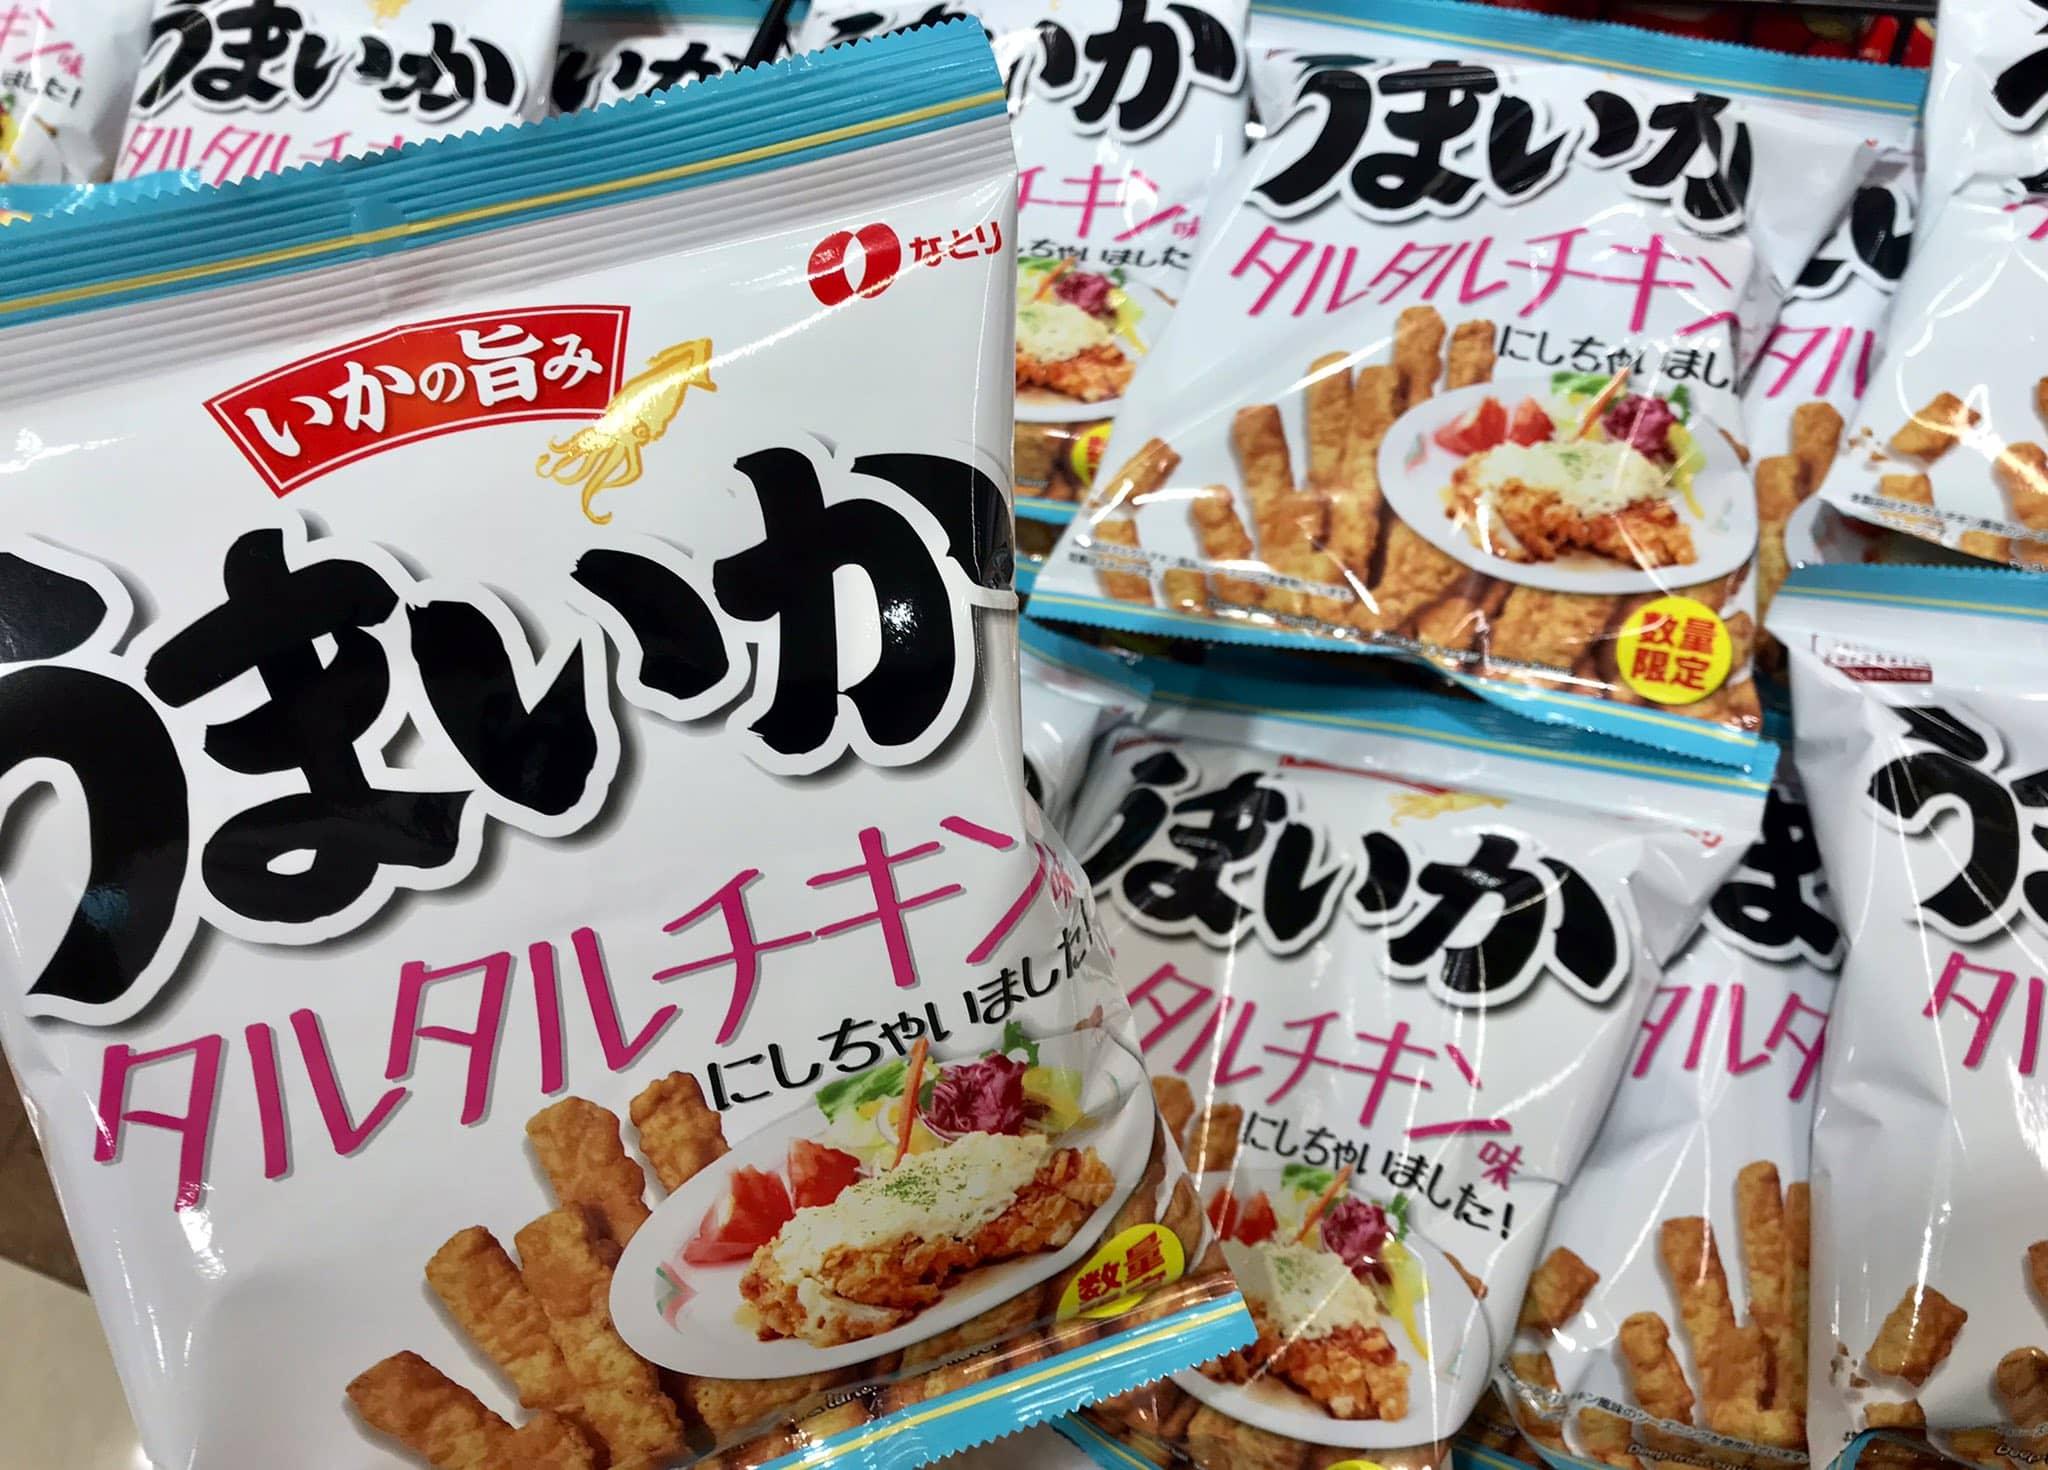 タルチキ旋風止まらない!ベルク「うまいか」タルタルチキン味、本日9/25より発売